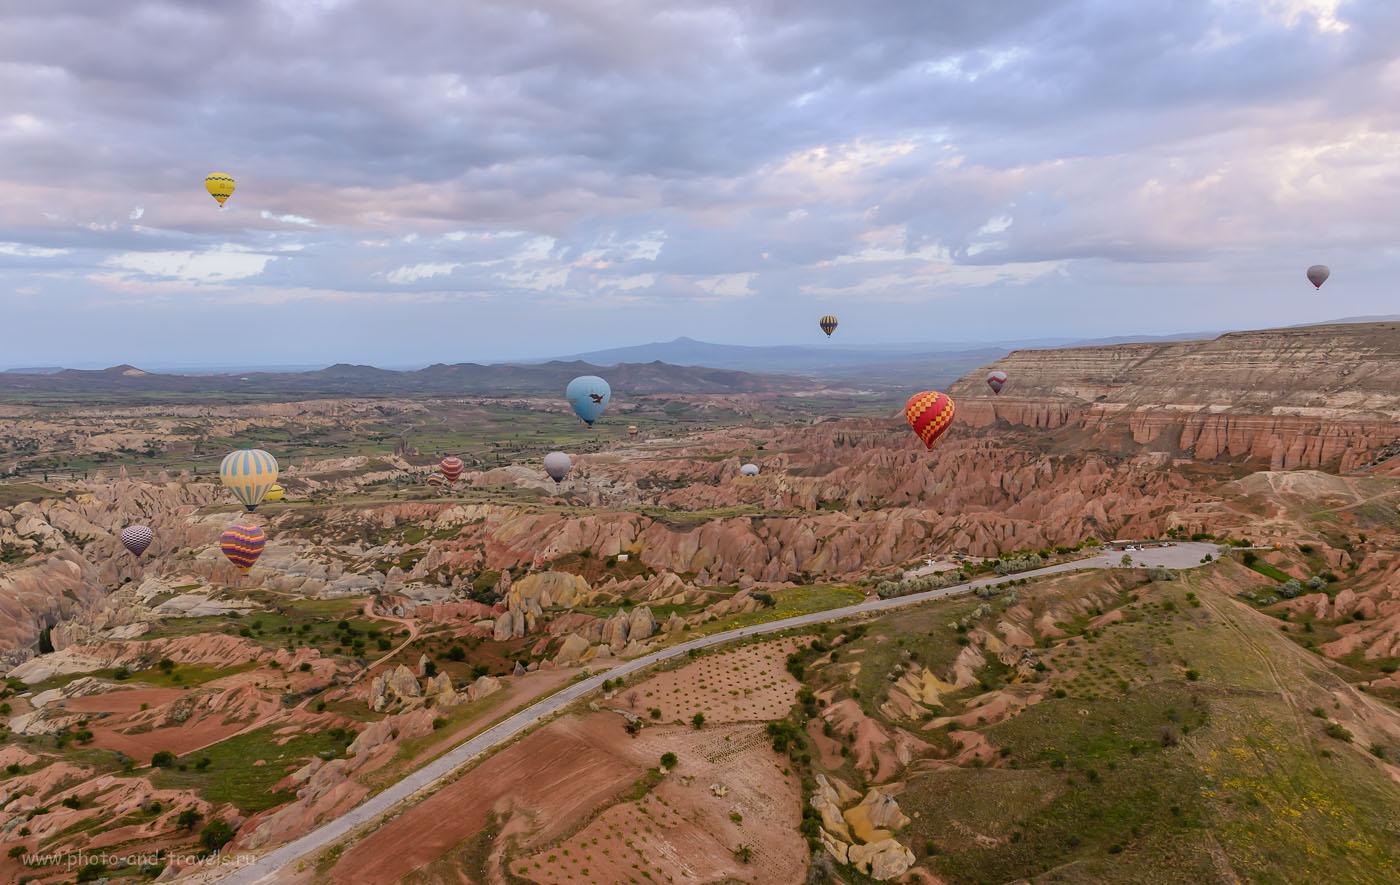 Фотография 12. Полет на воздушном шаре над Каппадокией. Отзывы туристов об экскурсиях в Турции. 1/125, -0.67, 8.0, 800, 24